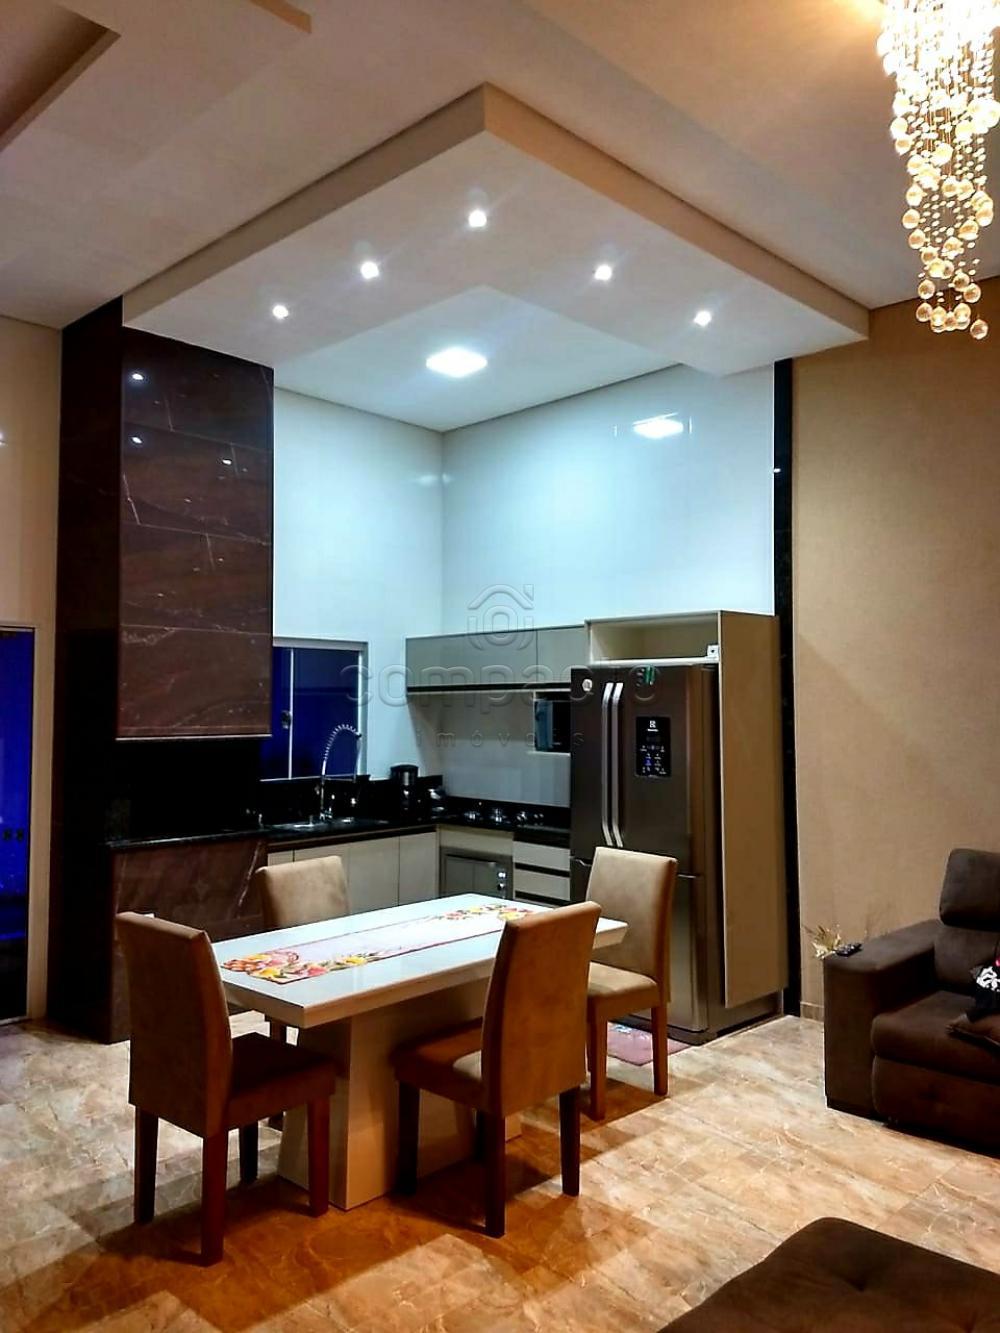 Comprar Casa / Padrão em Mirassol apenas R$ 350.000,00 - Foto 18